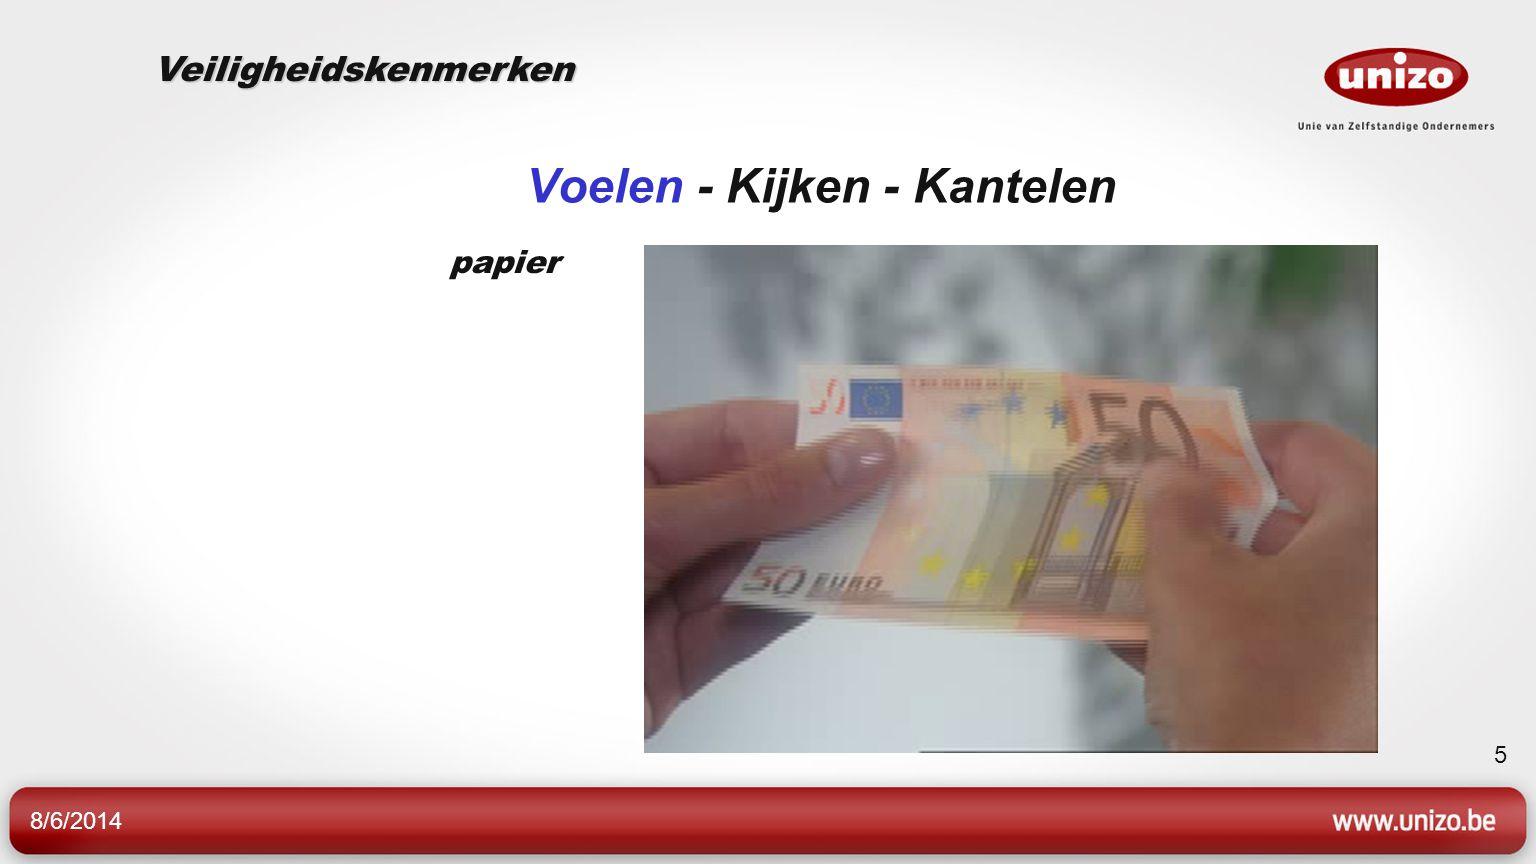 8/6/2014 5 Voelen - Kijken - Kantelen papier Veiligheidskenmerken